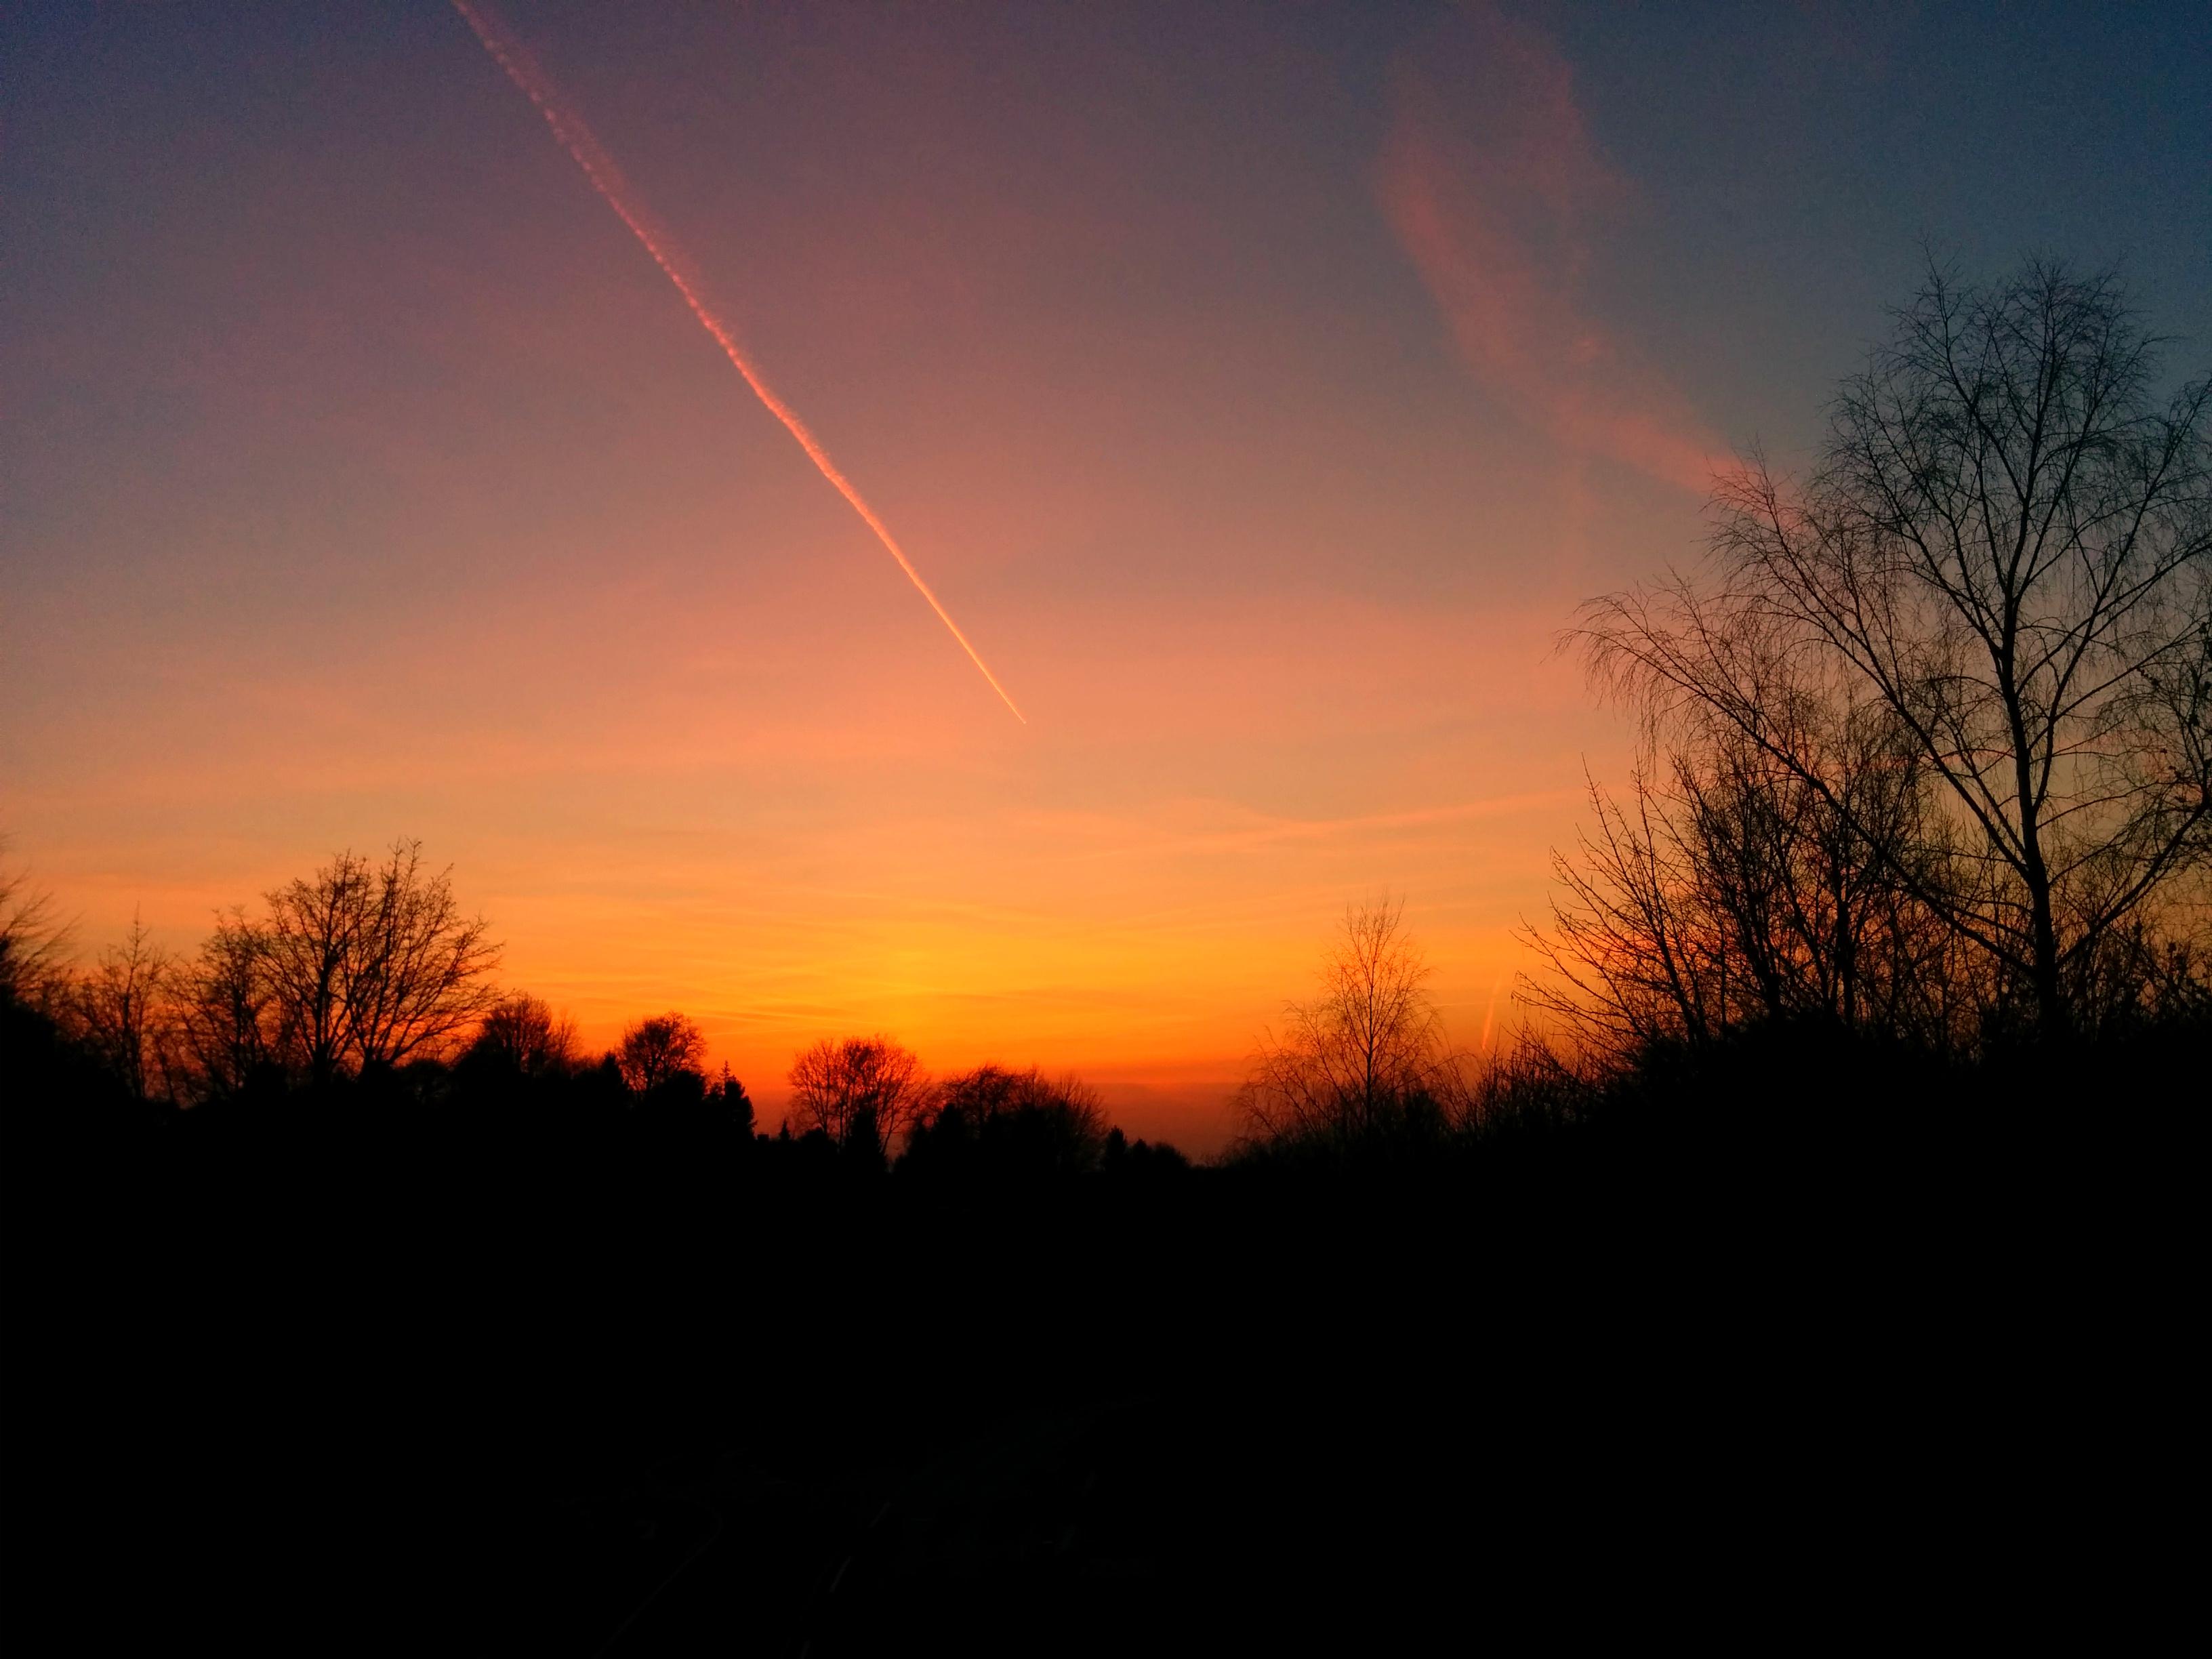 Sonnenuntergang auf Lichtscheid